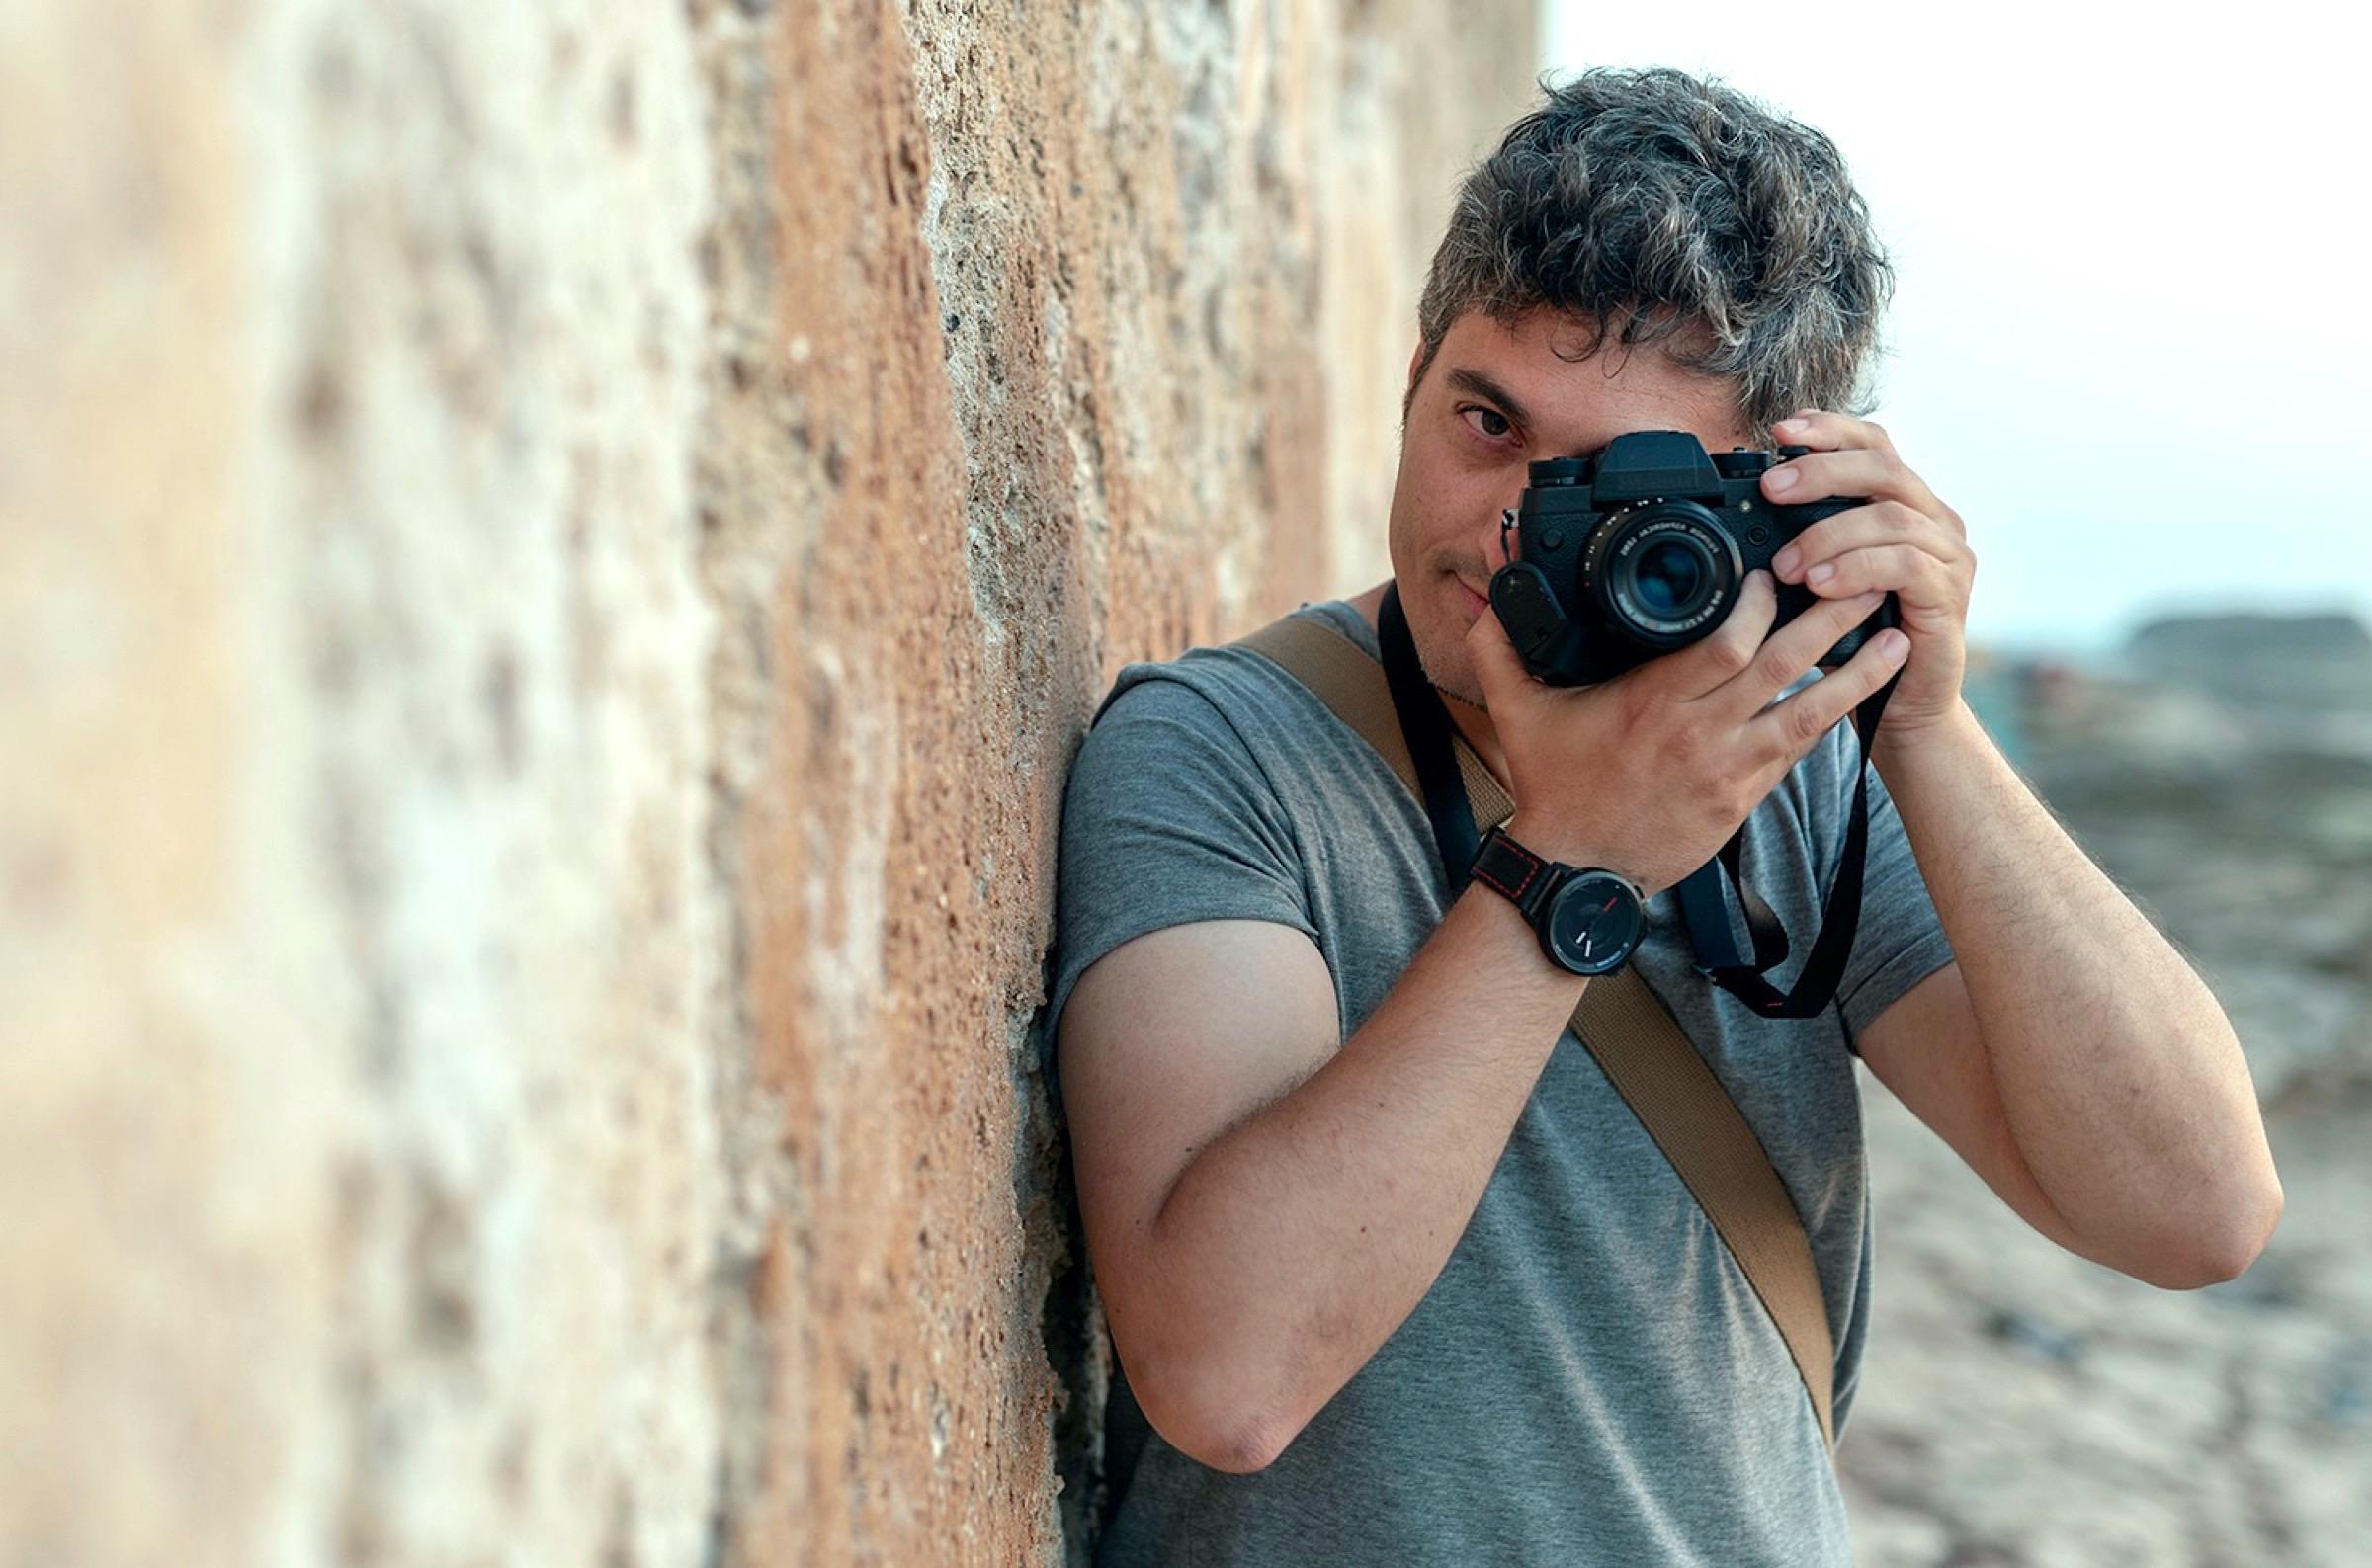 Rober Tomas, Fotografo de Zaragoza, Profesor de Fotografía y Creador de Contenido